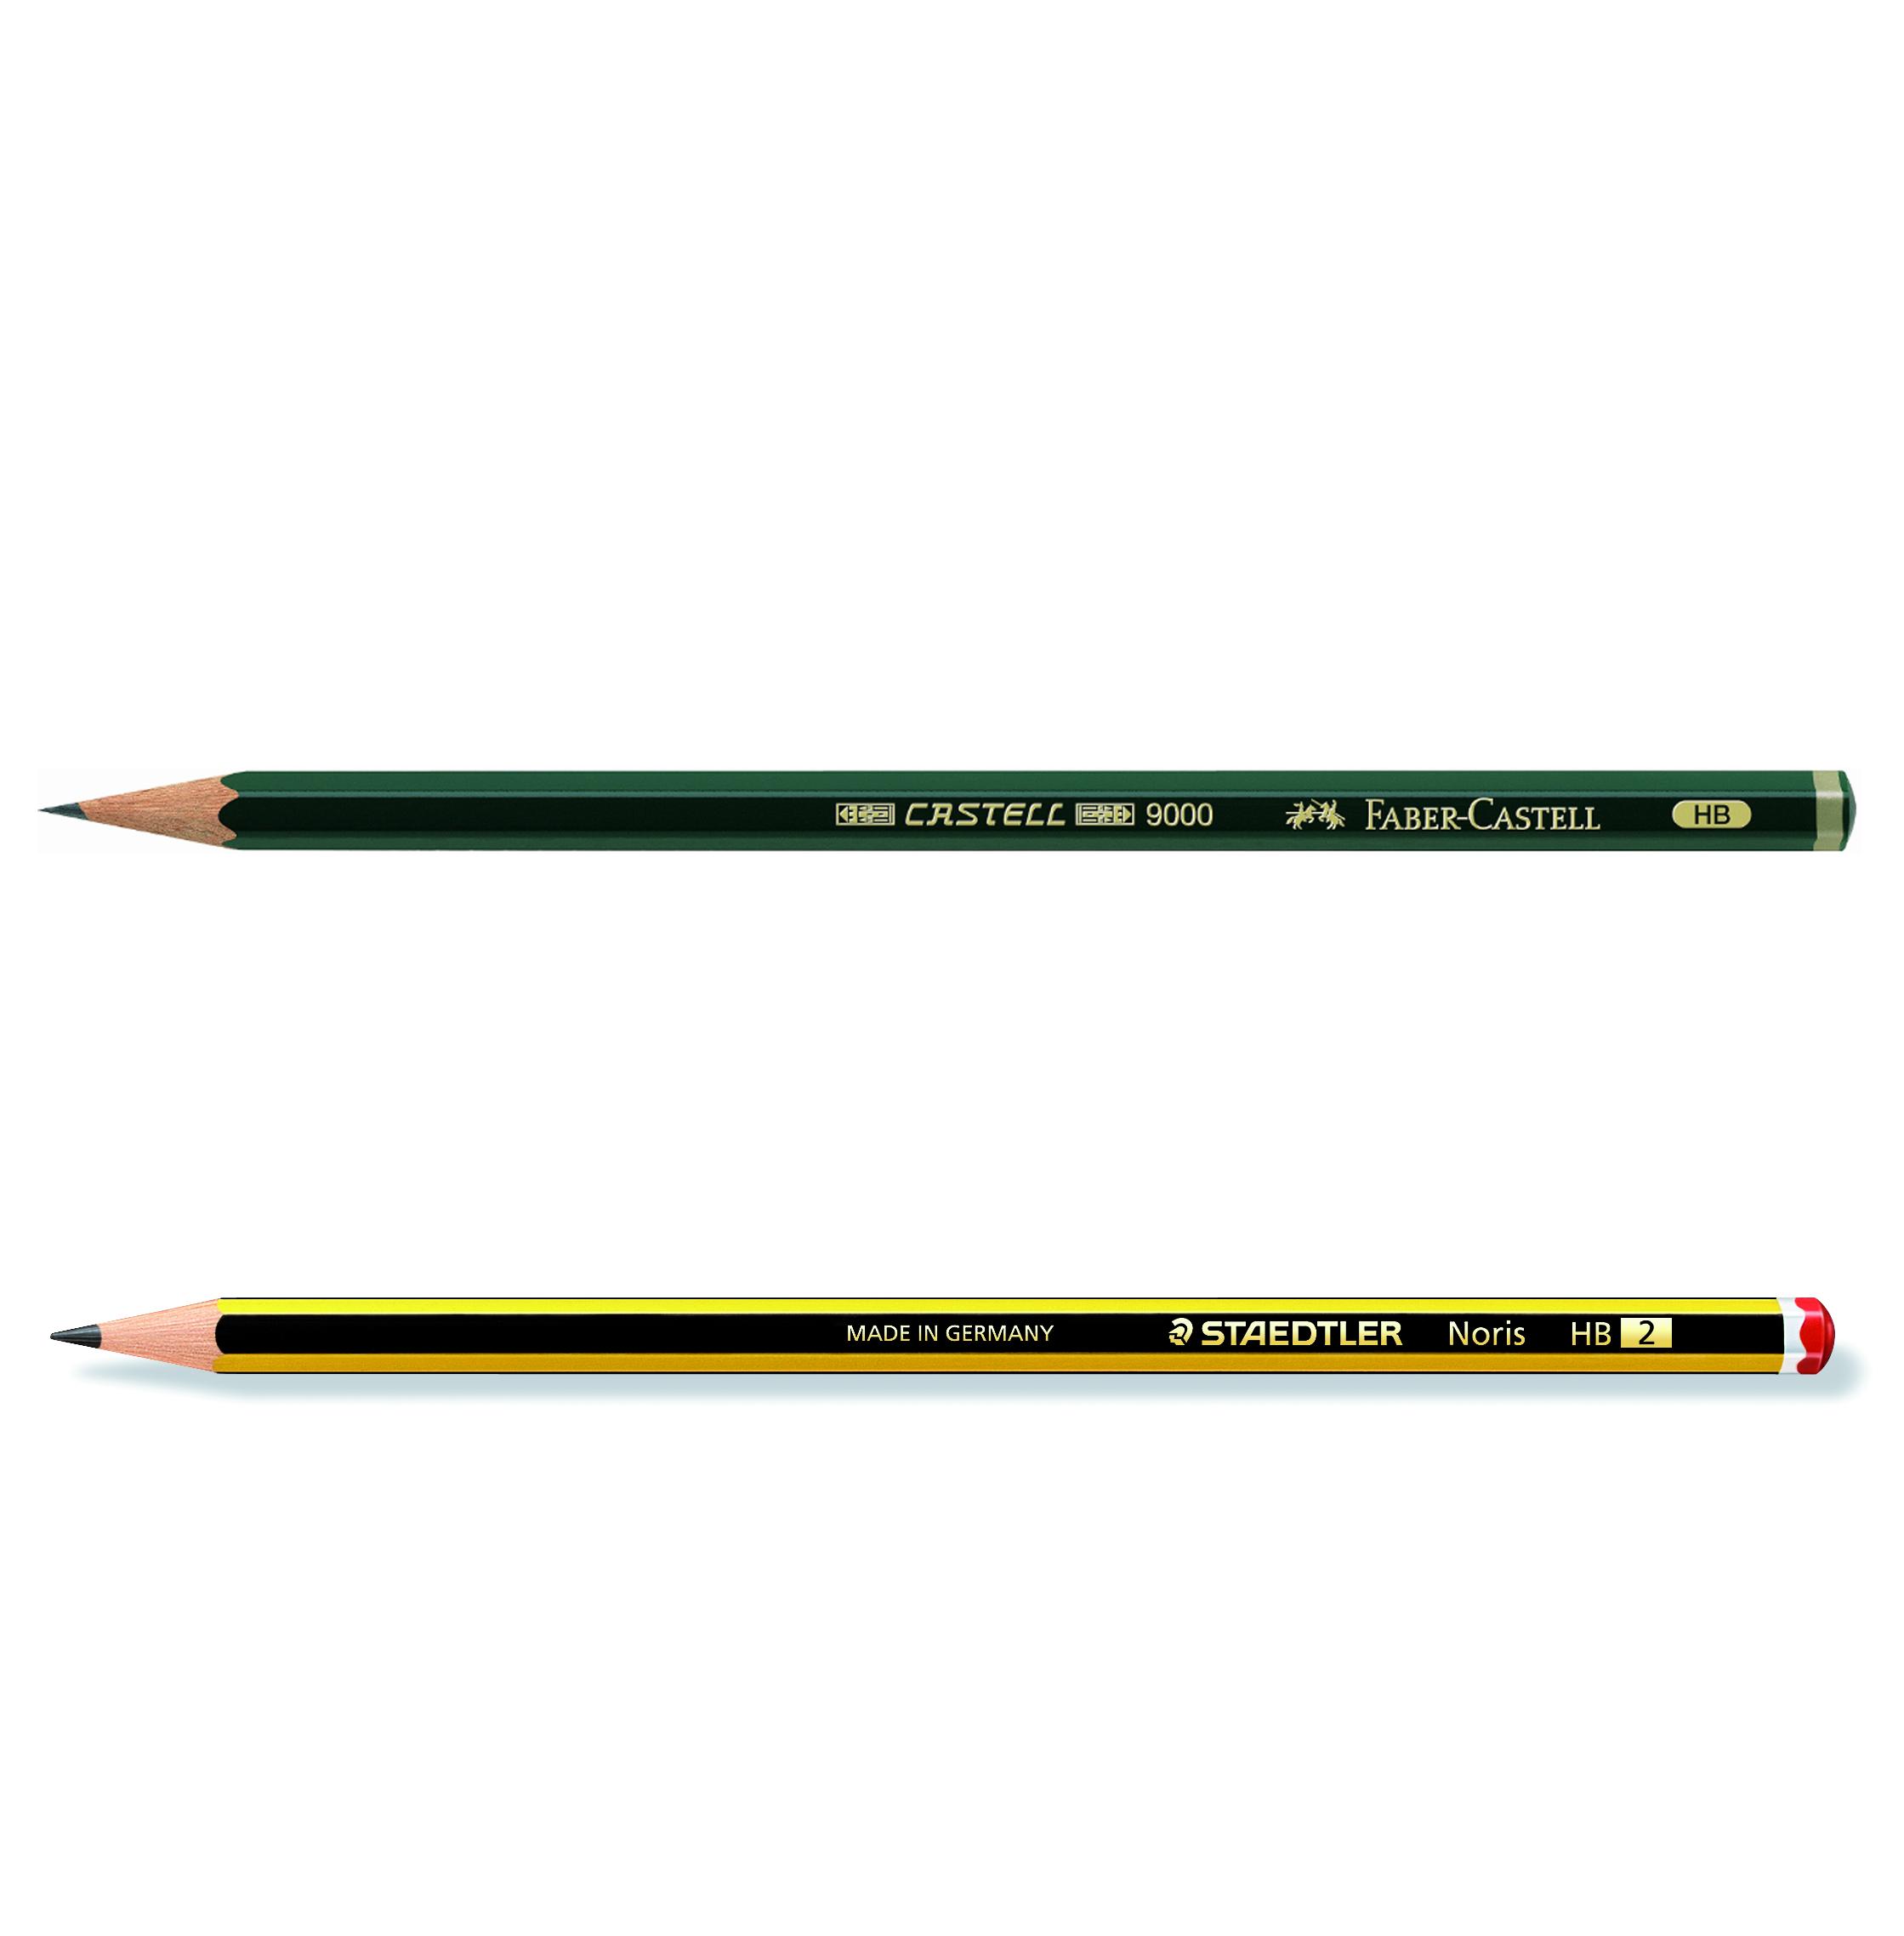 """Die beiden wohl bekanntesten Bleistifte hierzulande sind der """"Grüne"""" Castell 9000 von Faber-Castell und der Noris von Staedtler. Sie werden bereits seit 1905 bzw. 1901 verkauft. Abbildung: Faber-Castell und Staedtler"""